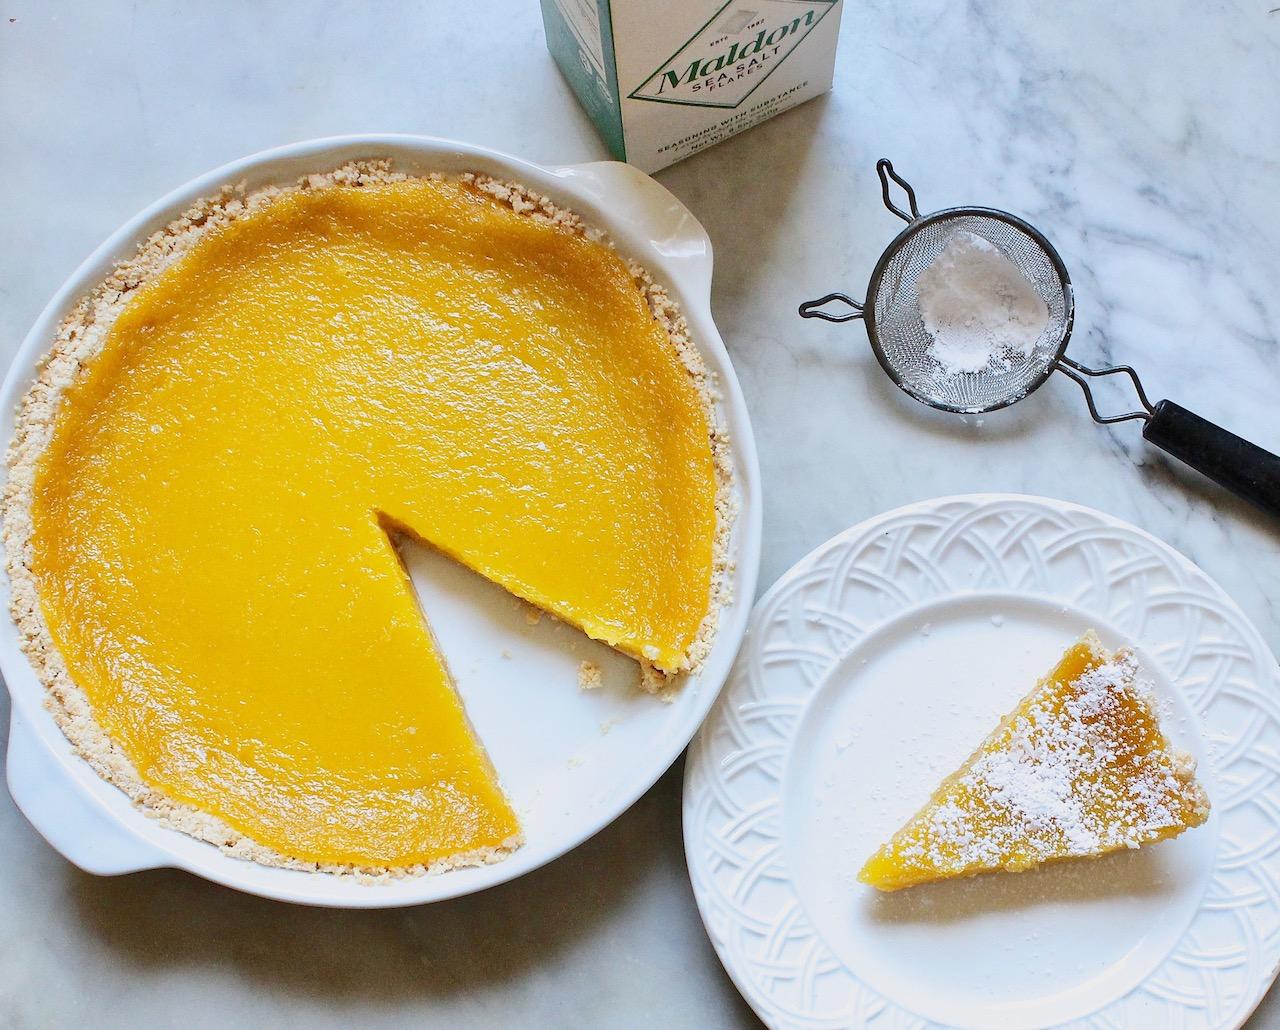 lemon tart with olive oil and flaky sea salt